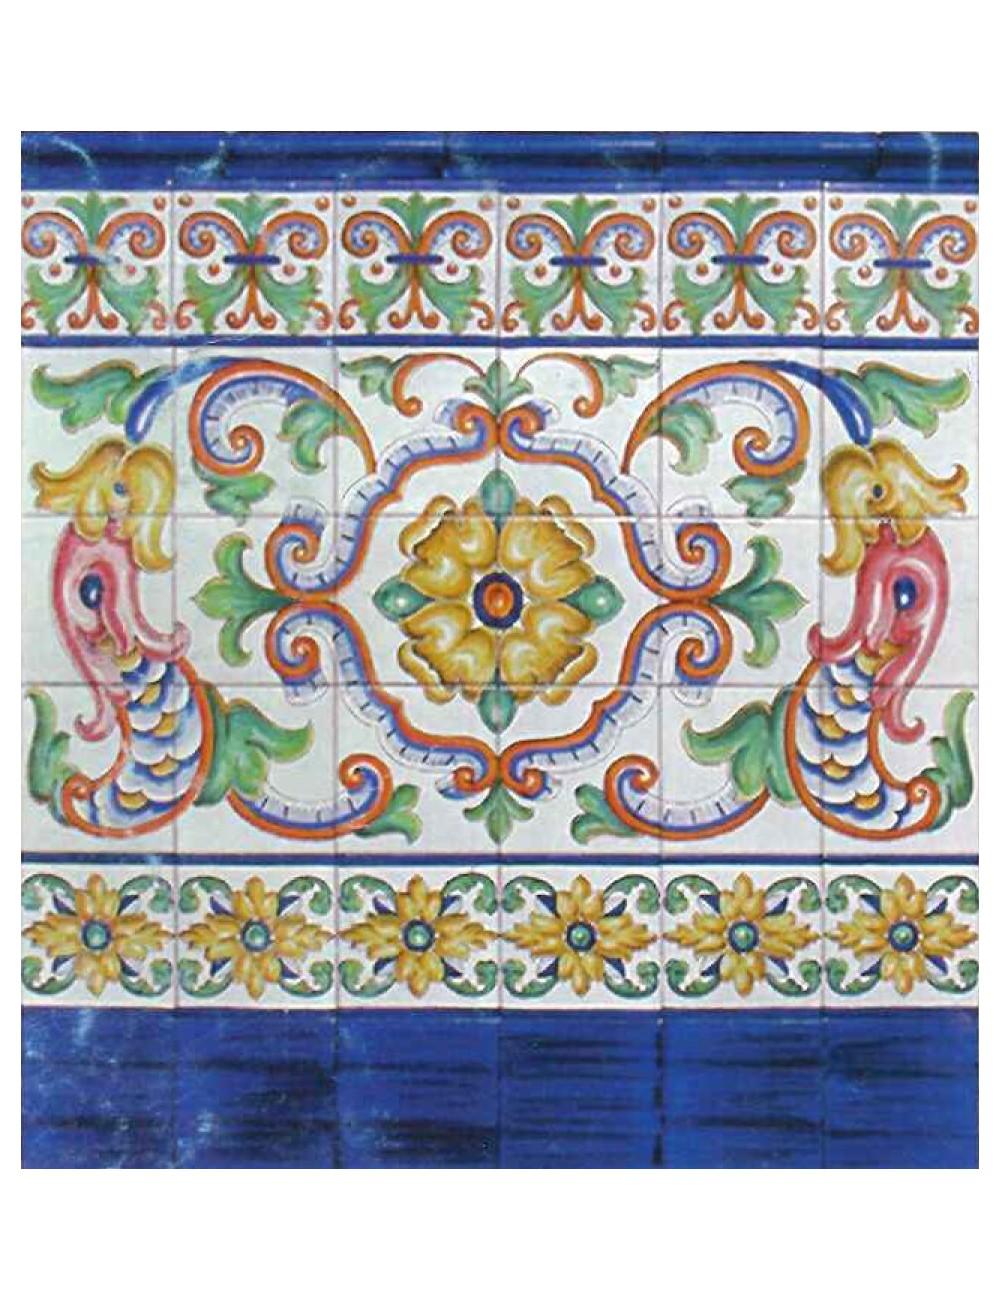 Z calo azalea alto artesan a sevilla - Zocalos de azulejos ...